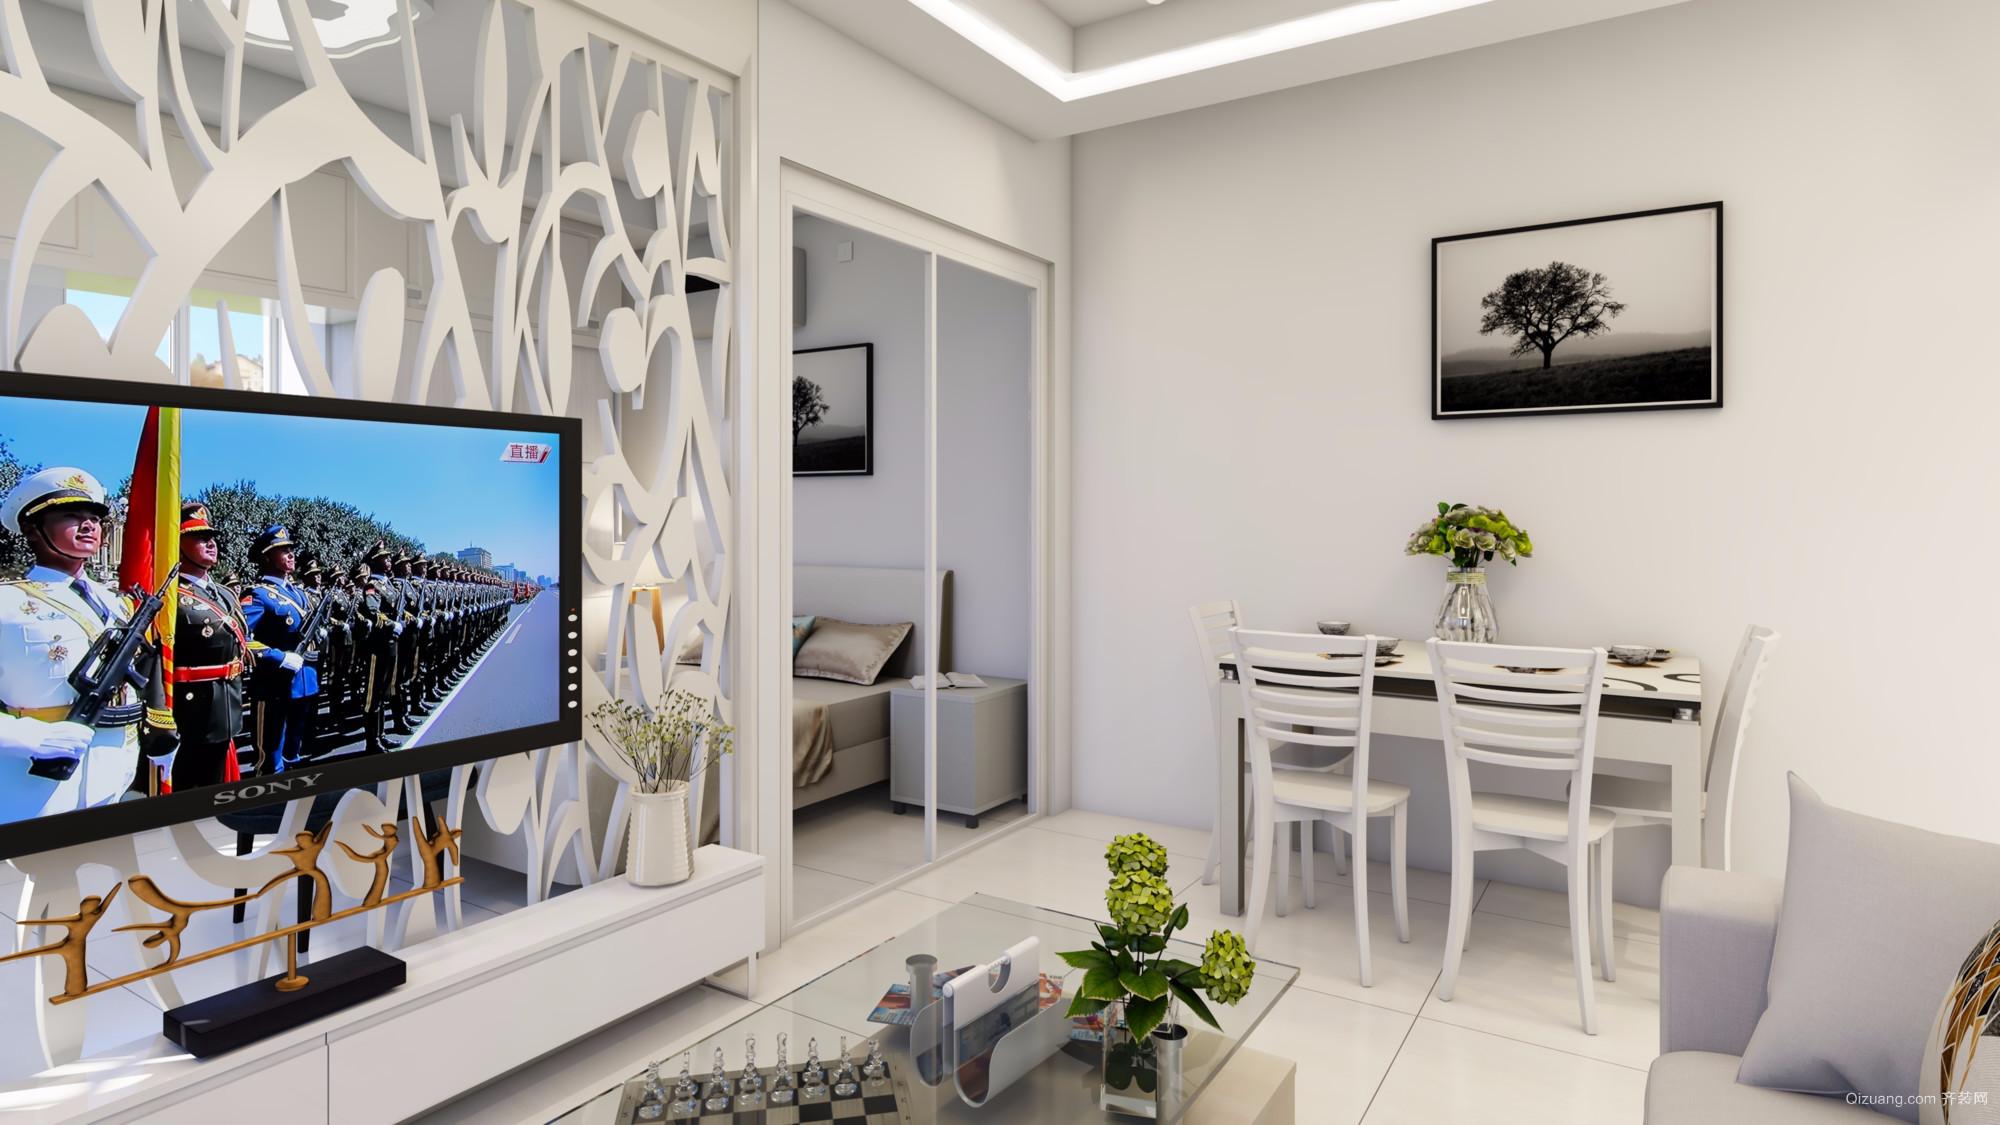 河畔花城单身公寓现代简约装修效果图实景图